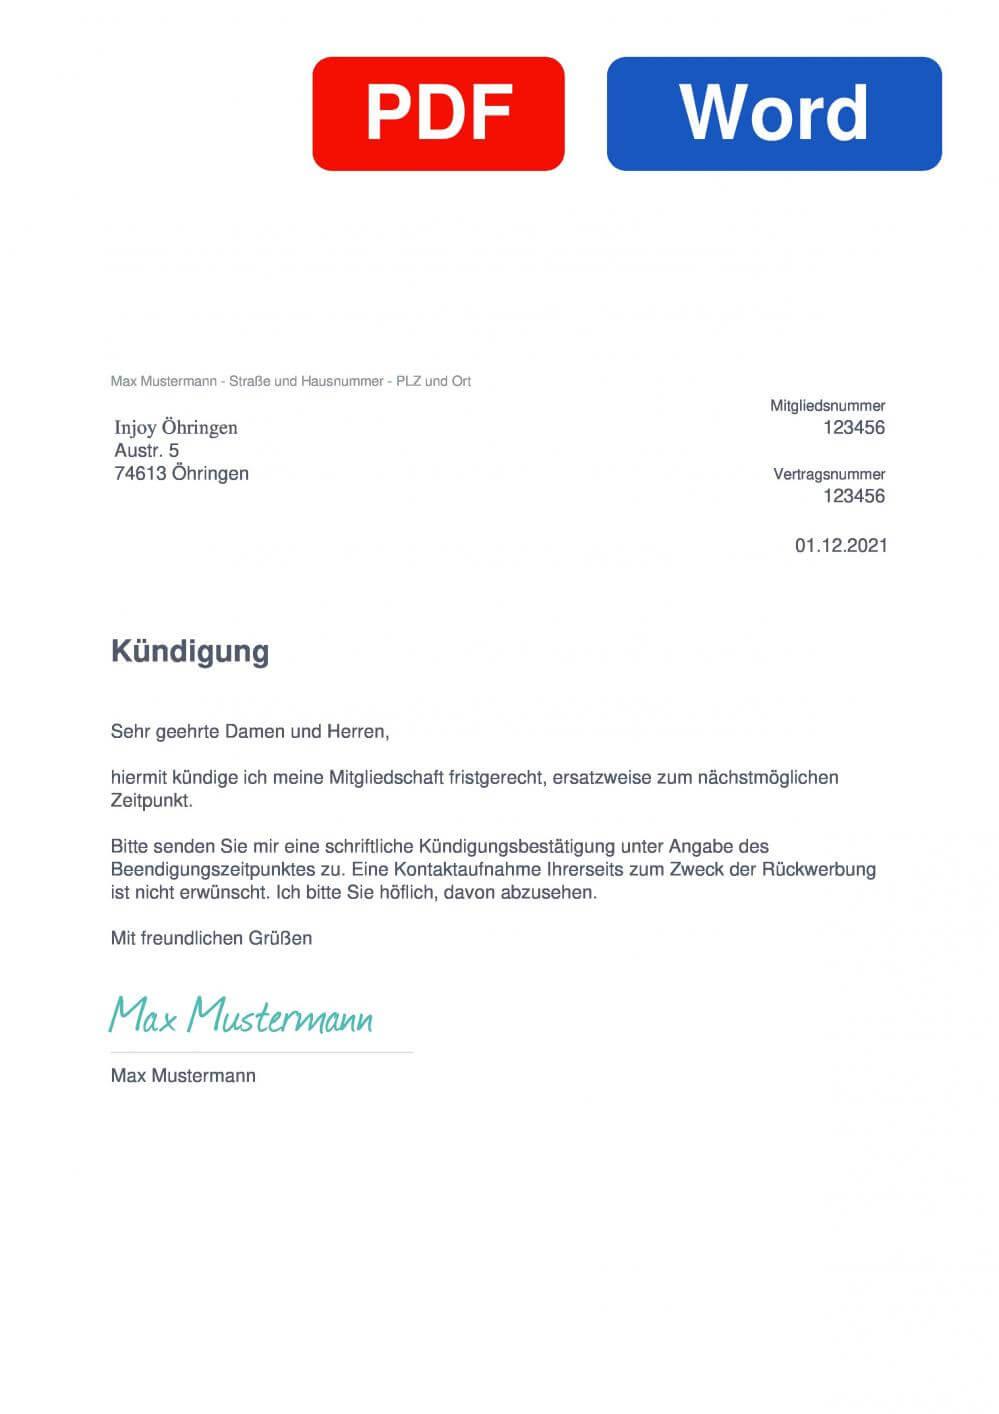 INJOY Öhringen Muster Vorlage für Kündigungsschreiben